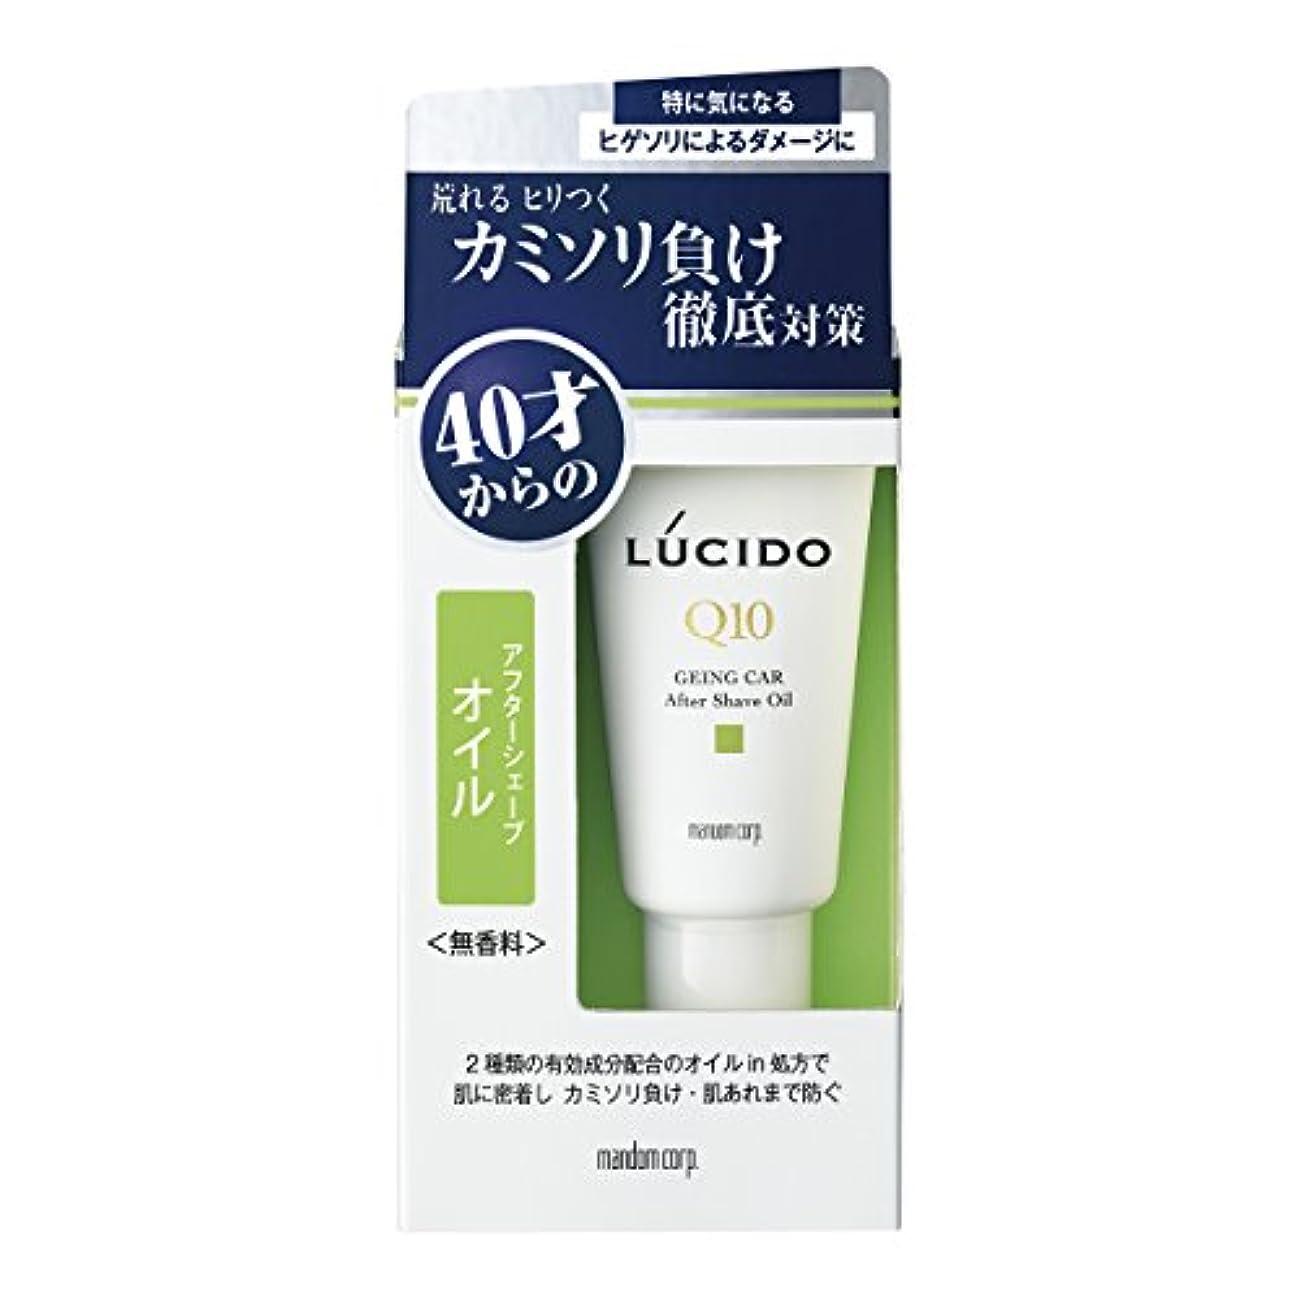 ビリーヤギ寛解少ないルシード 薬用 アフターシェーブオイル (医薬部外品)30g